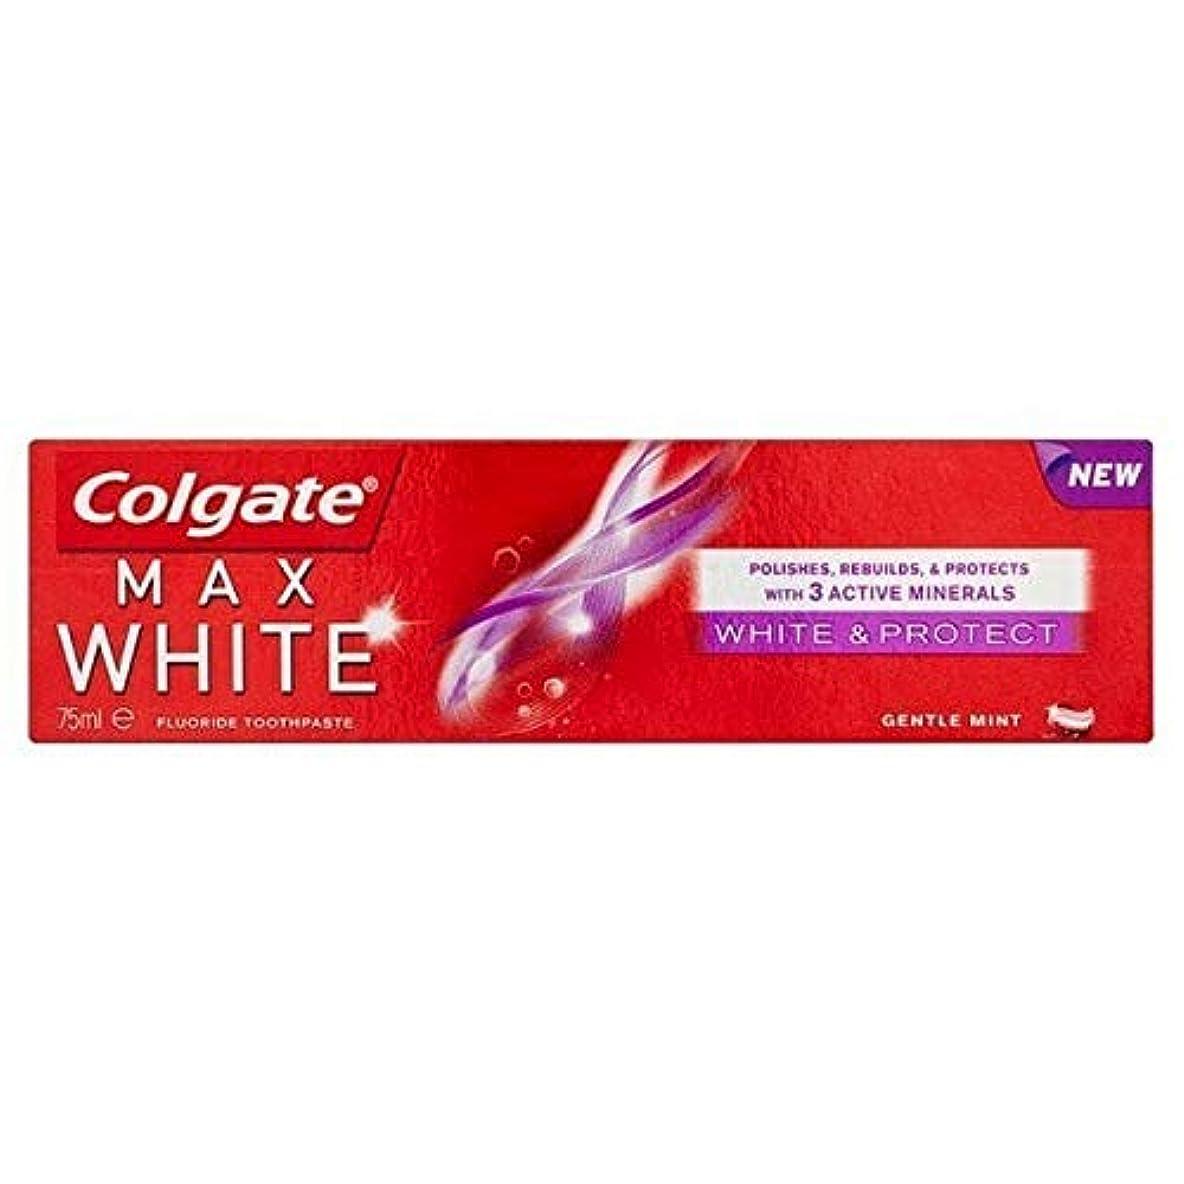 韓国アジャカブ[Colgate ] コルゲートマックスホワイトホワイトニング&歯磨き粉75ミリリットルを保護 - Colgate Max White Whitening & Protect Toothpaste 75ml [並行輸入品]